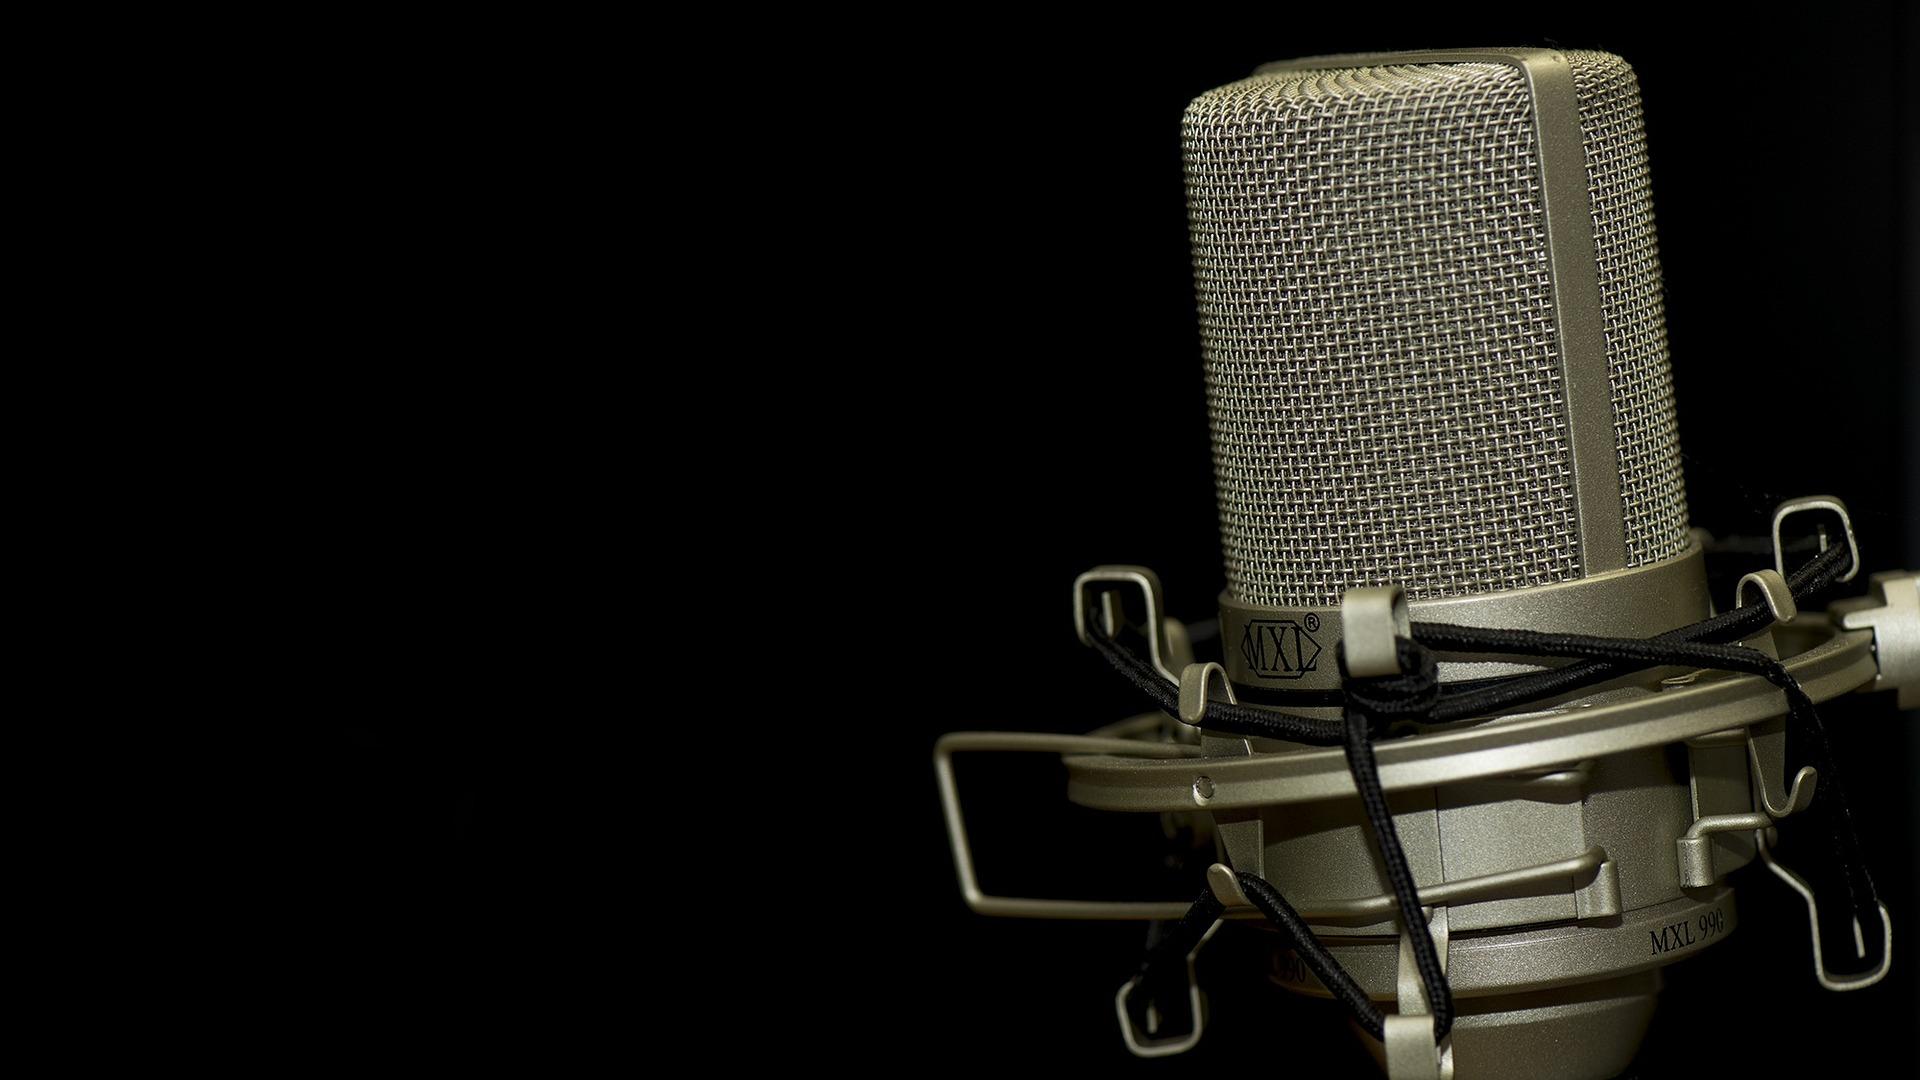 הישארו בהאזנה - תוכנית רדיו שיעשירו את הידע שלכם